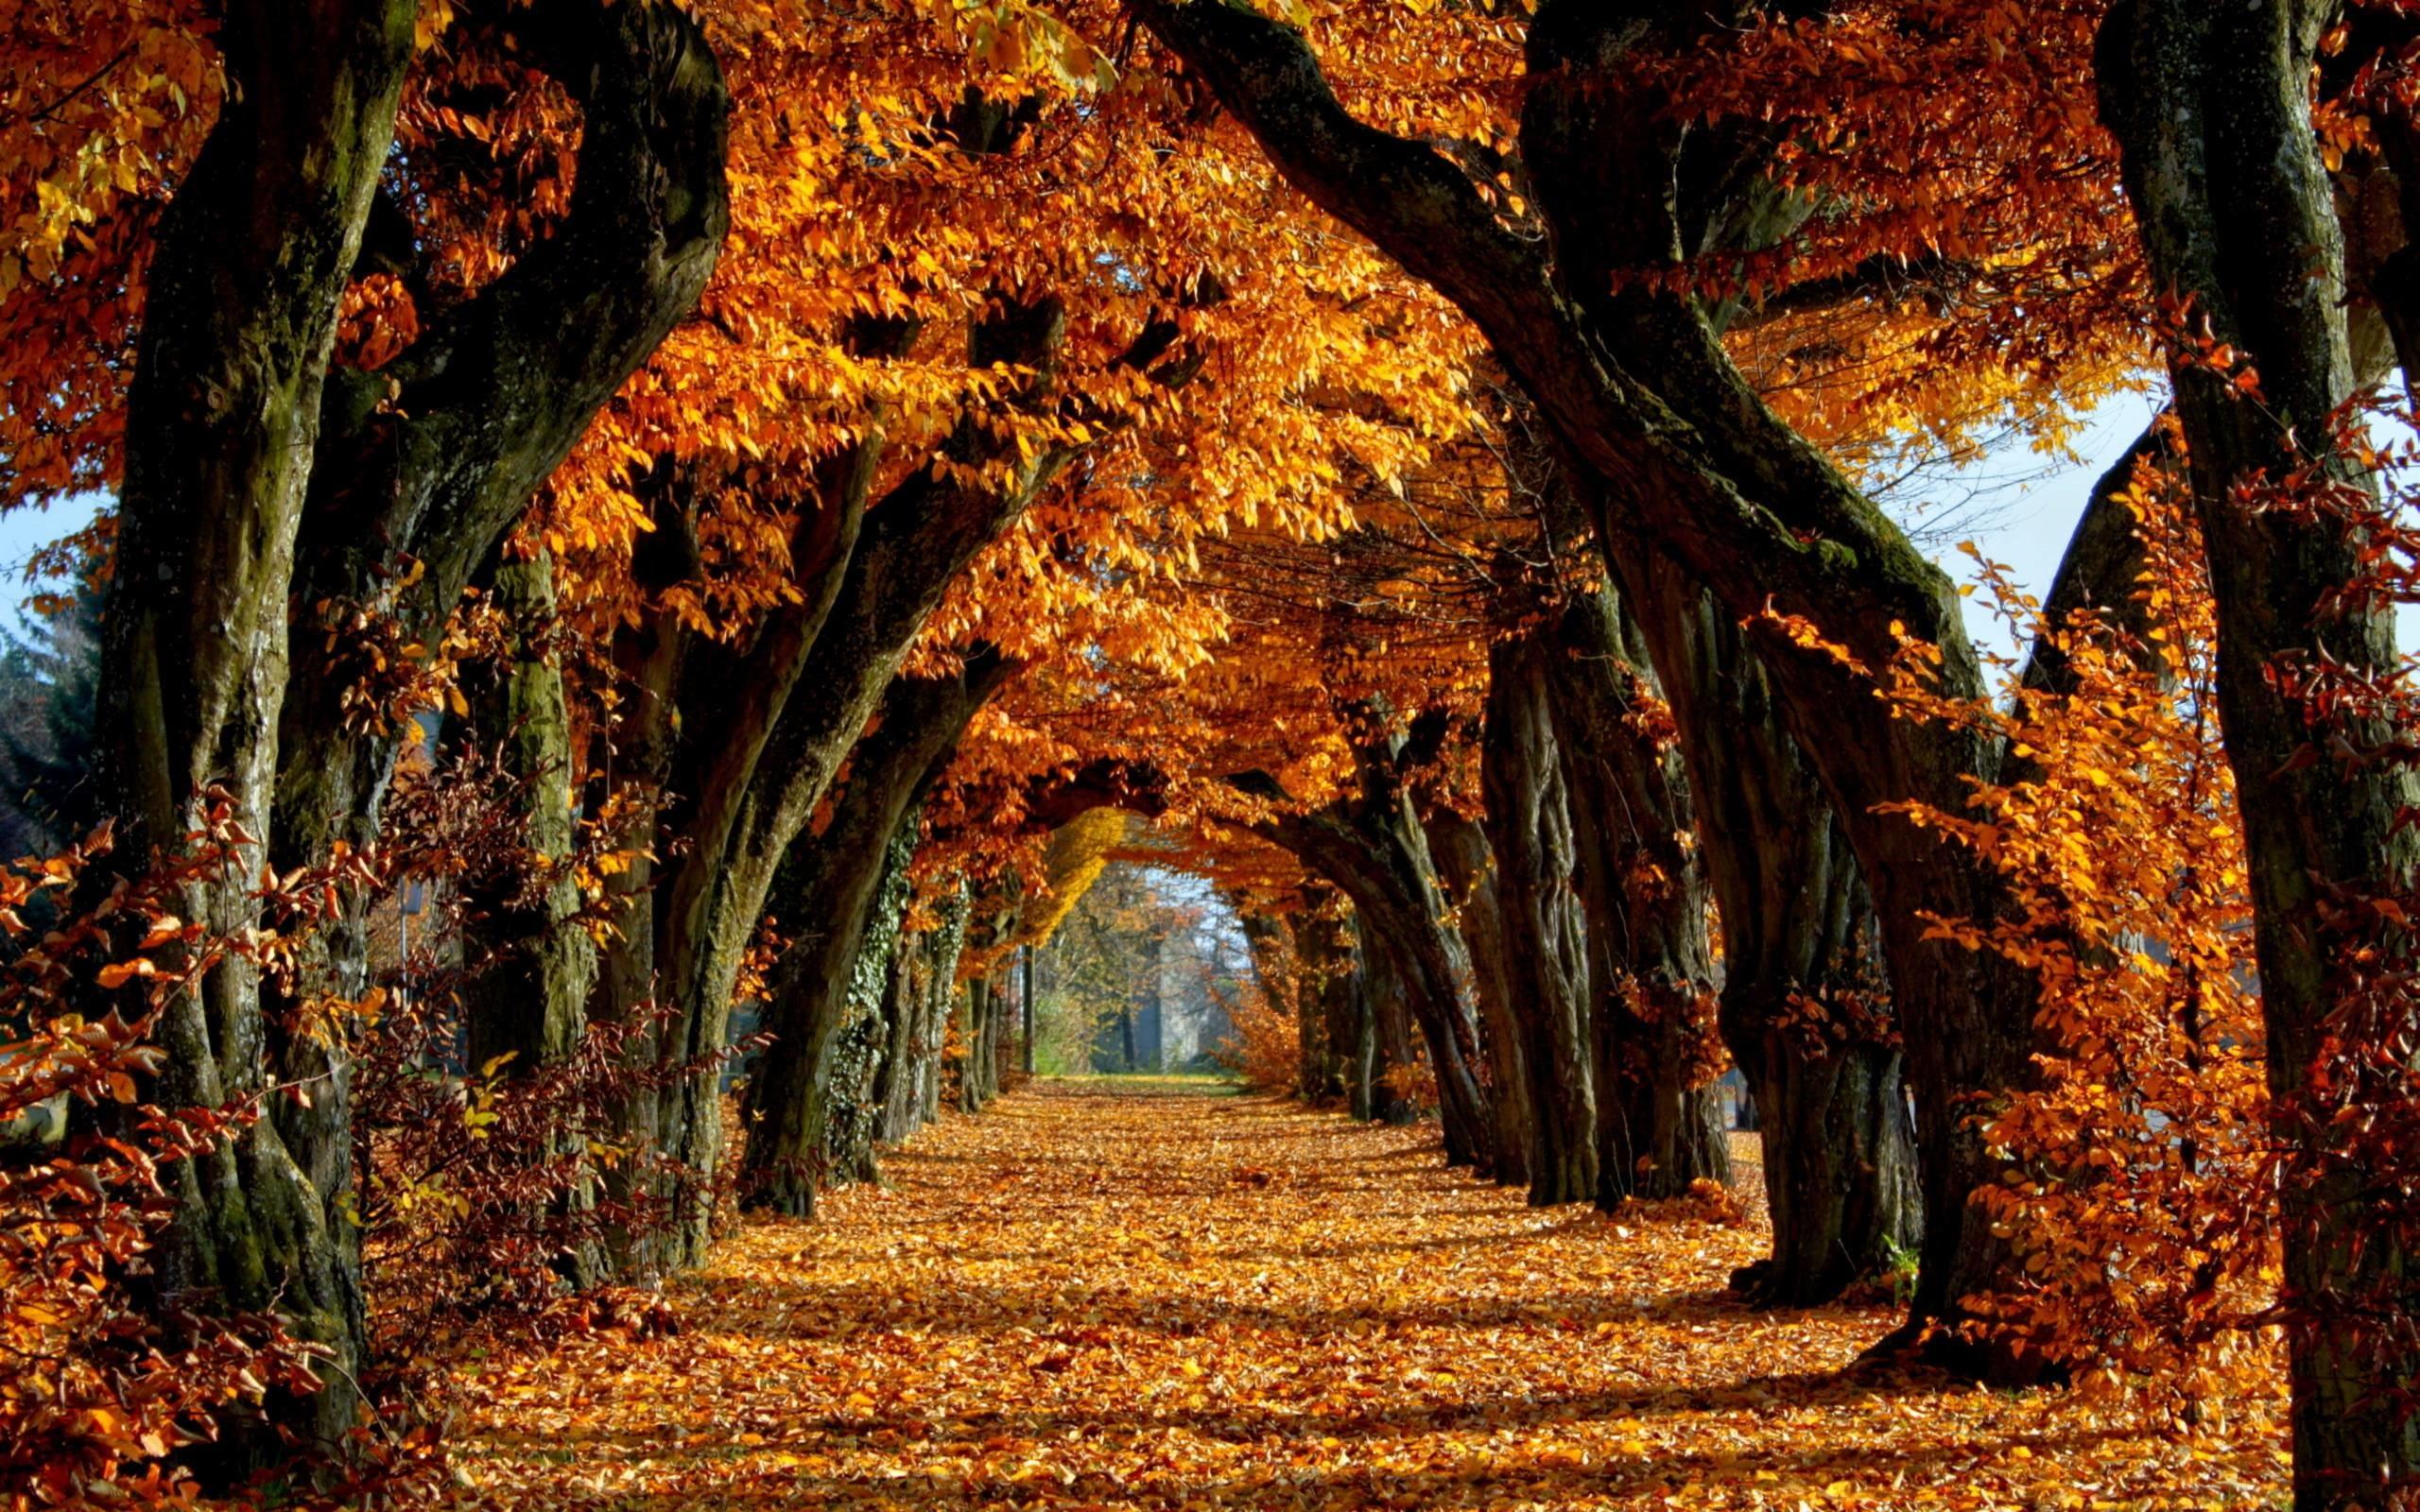 Autumn Wallpaper hd Widescreen, wallpaper, Autumn Wallpaper hd .